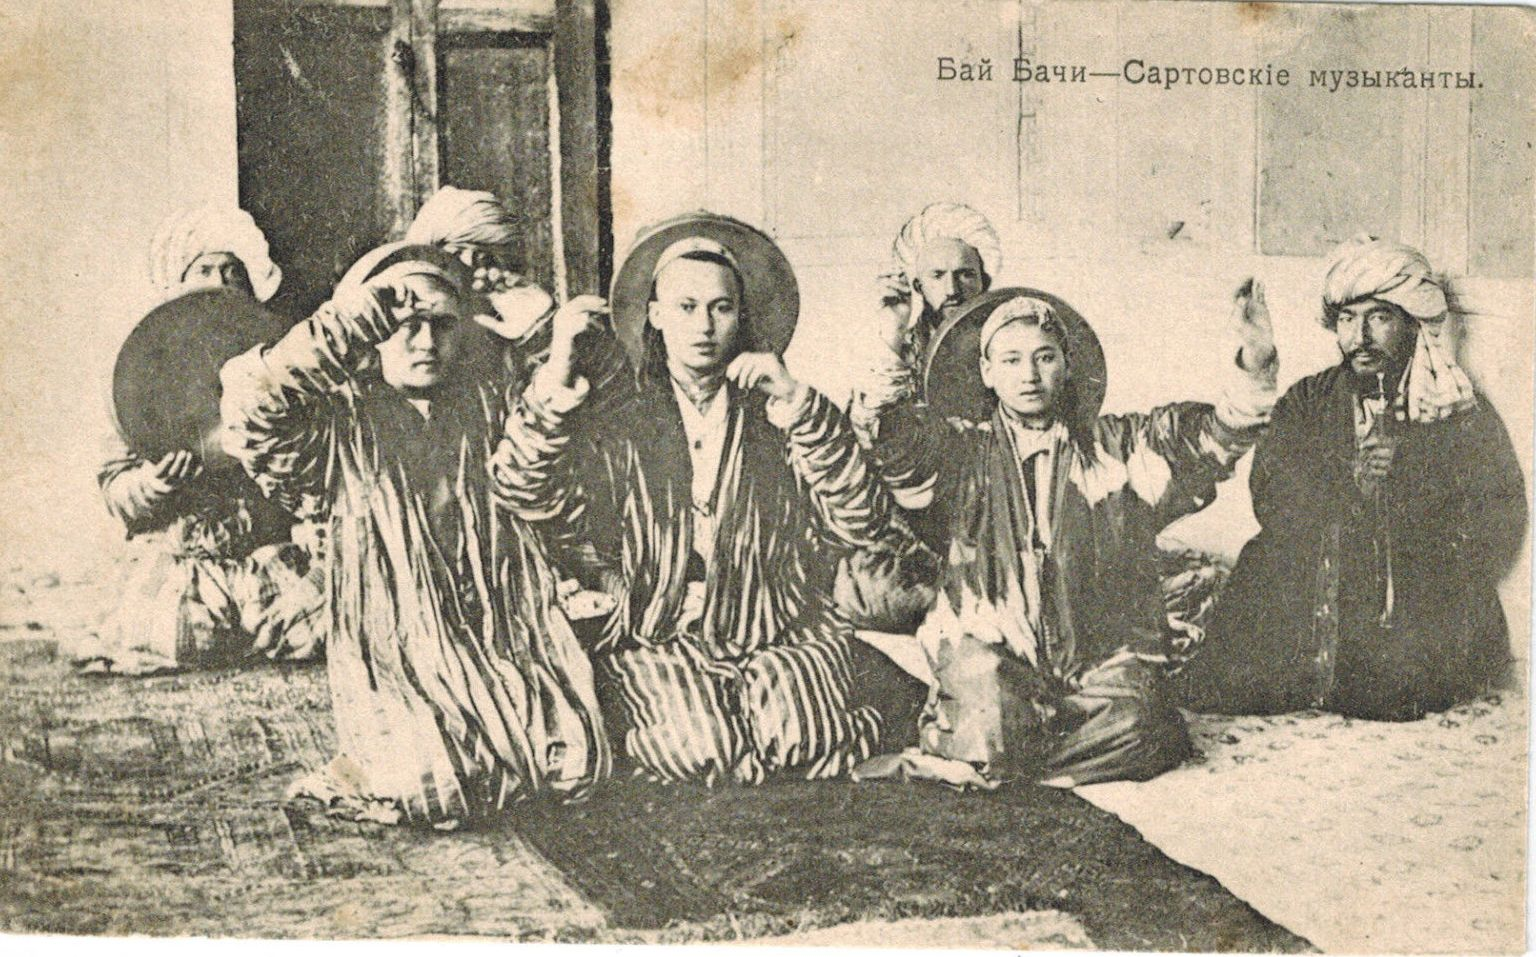 Бай Бачи - сартовские музыканты